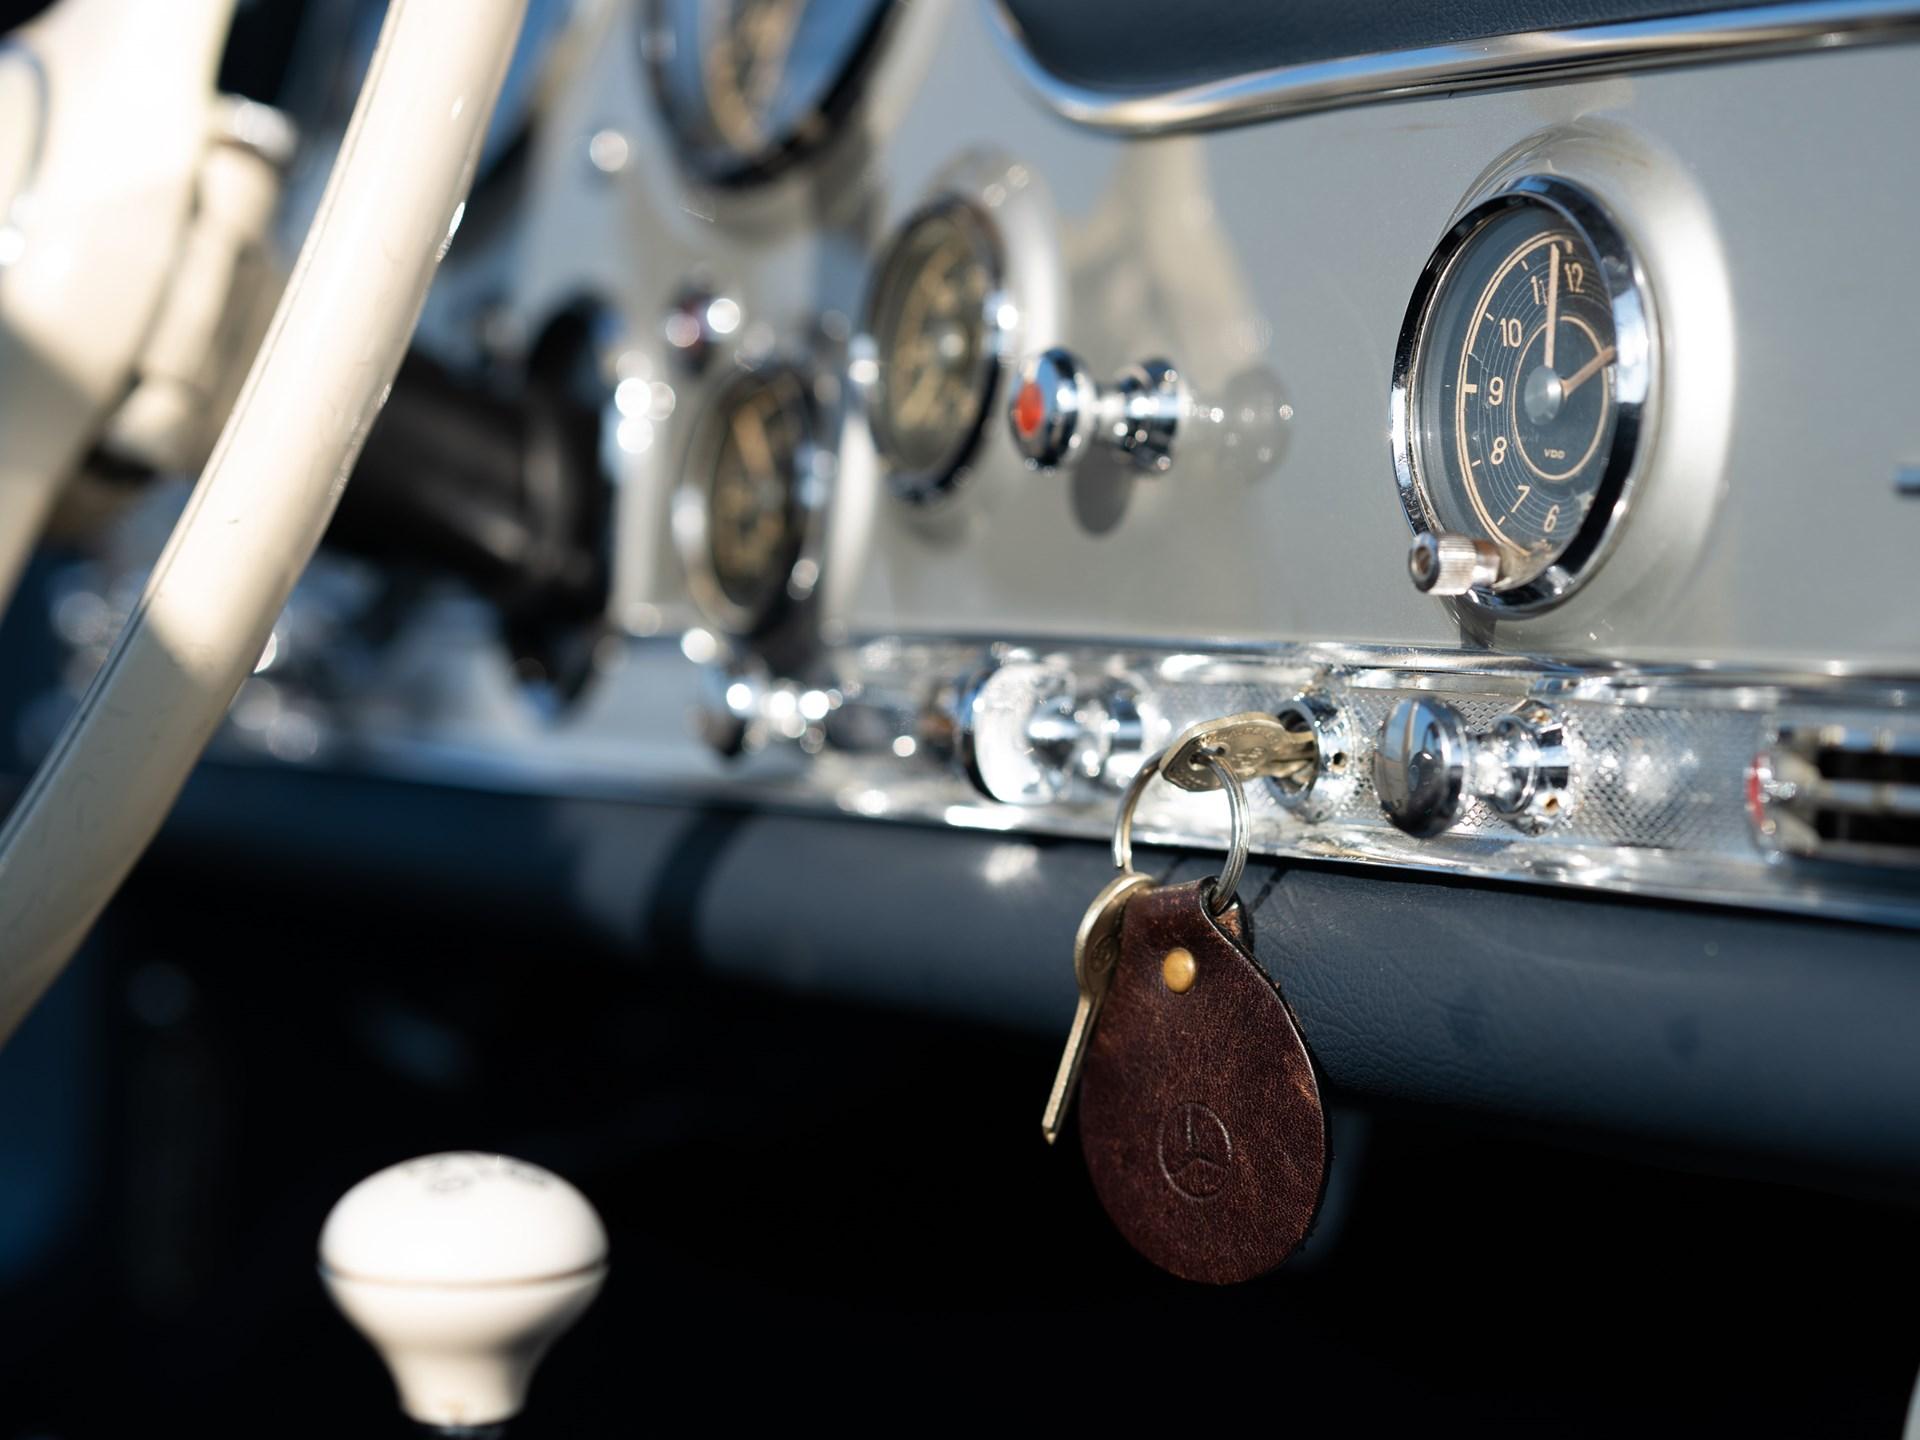 1955 Mercedes-Benz 300 SL Gullwing dash key